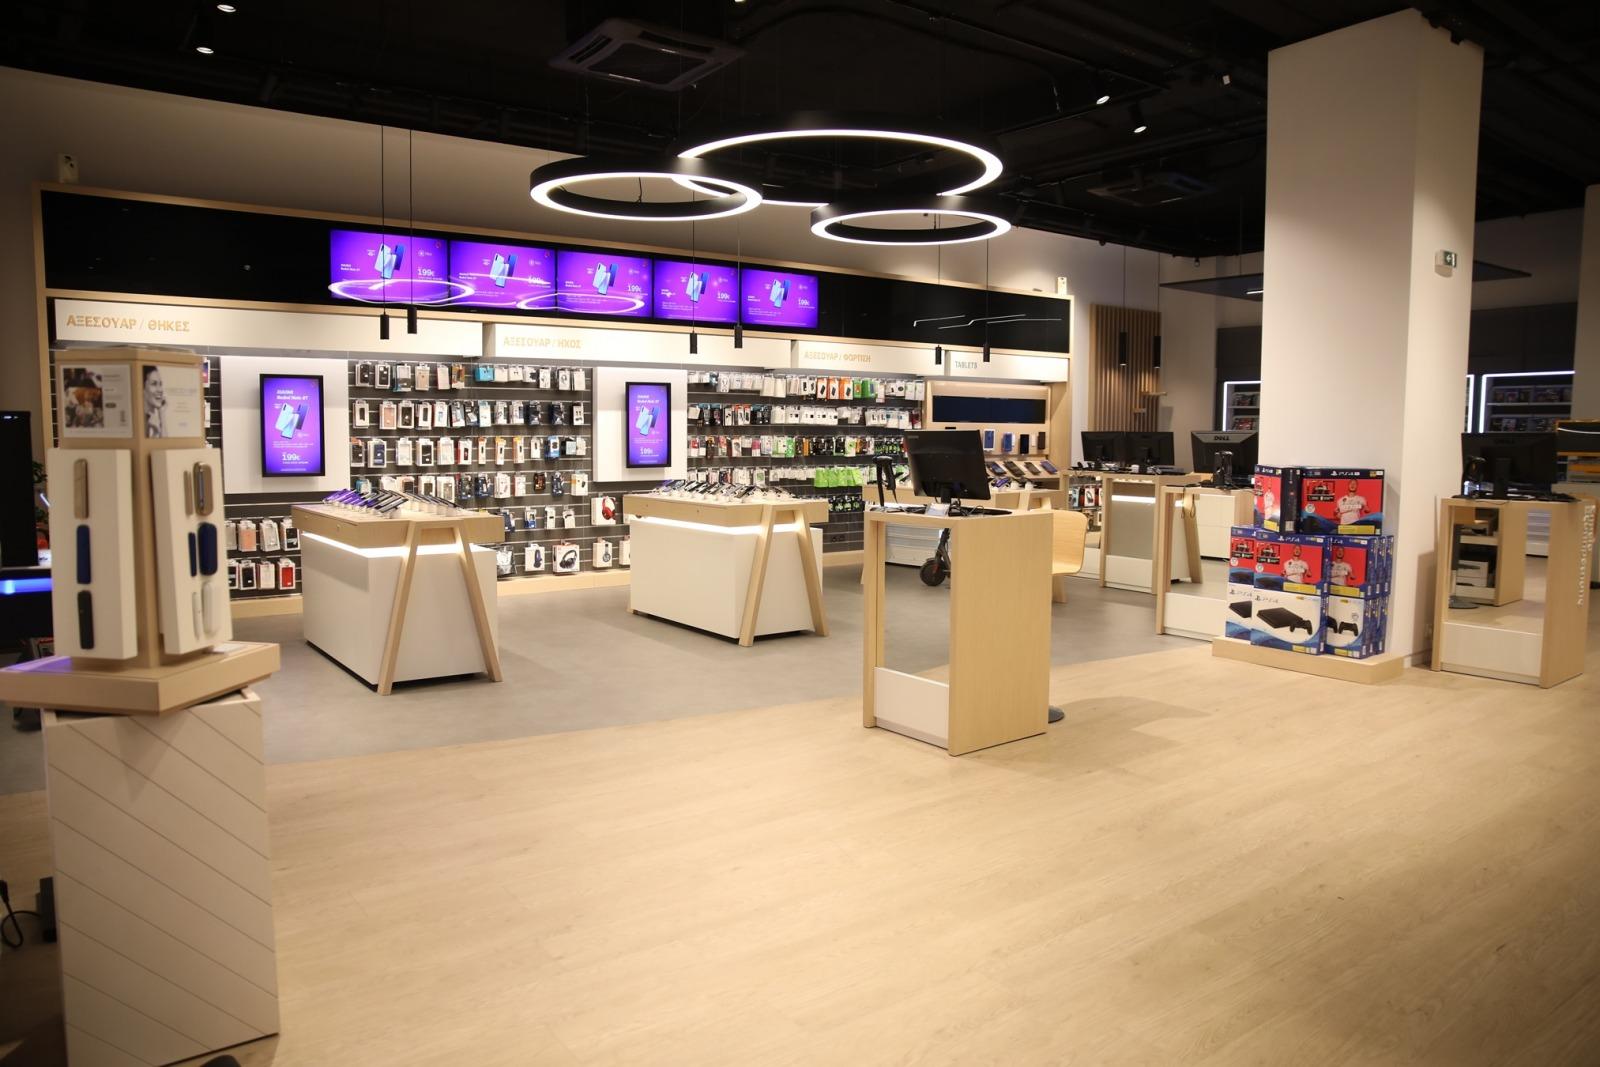 Ανοιχτά, με νέο ωράριο, παραμένουν όλα τα καταστήματα COSMOTE και ΓΕΡΜΑΝΟΣ πανελλαδικά